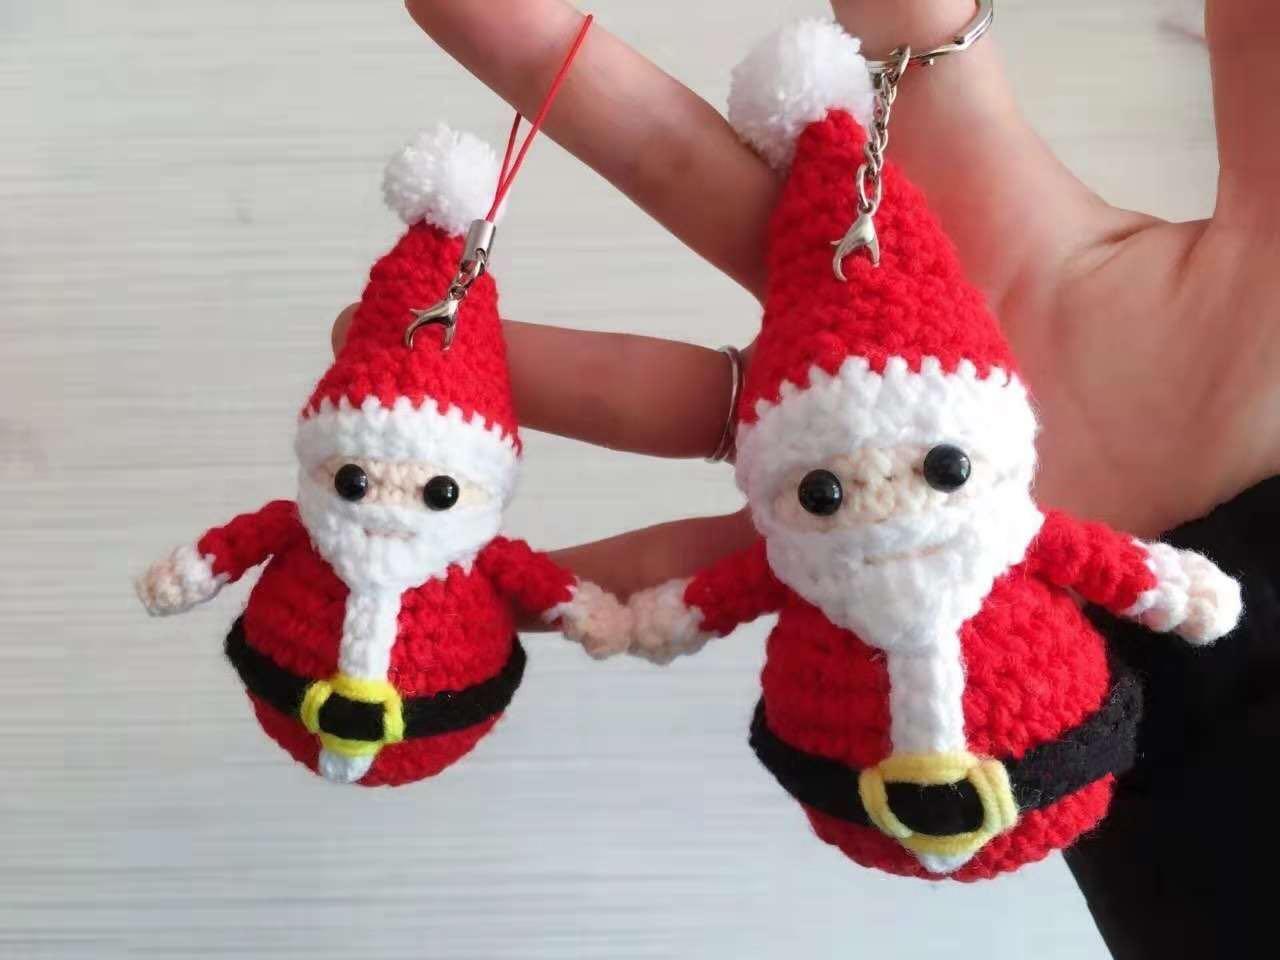 圣诞节礼品手工编织圣诞树挂件礼物圣诞平安果圣诞花环手机挂件